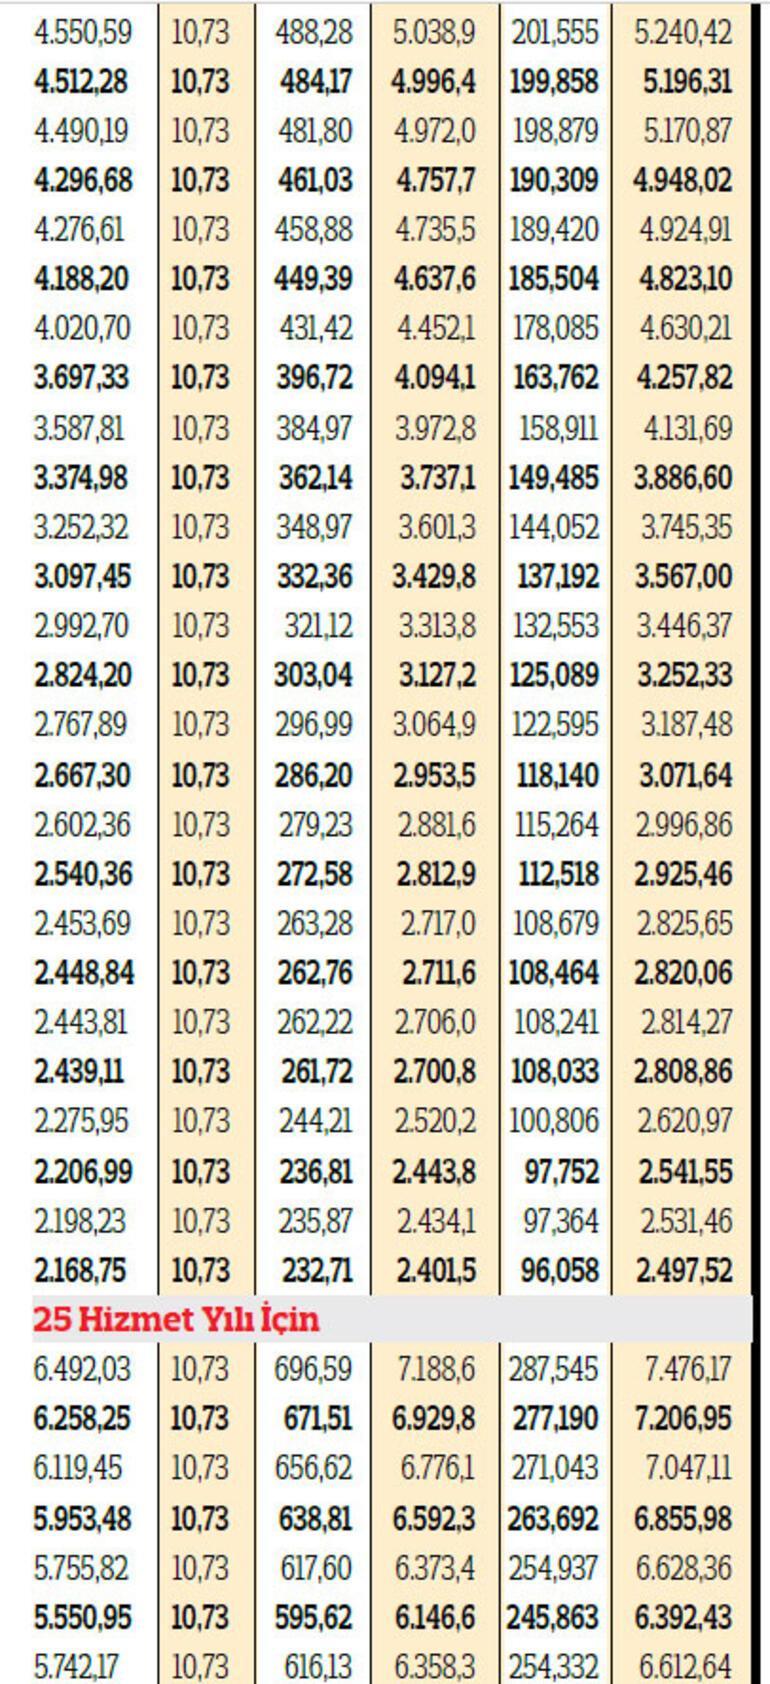 Memur emeklisine yüzde 10.73